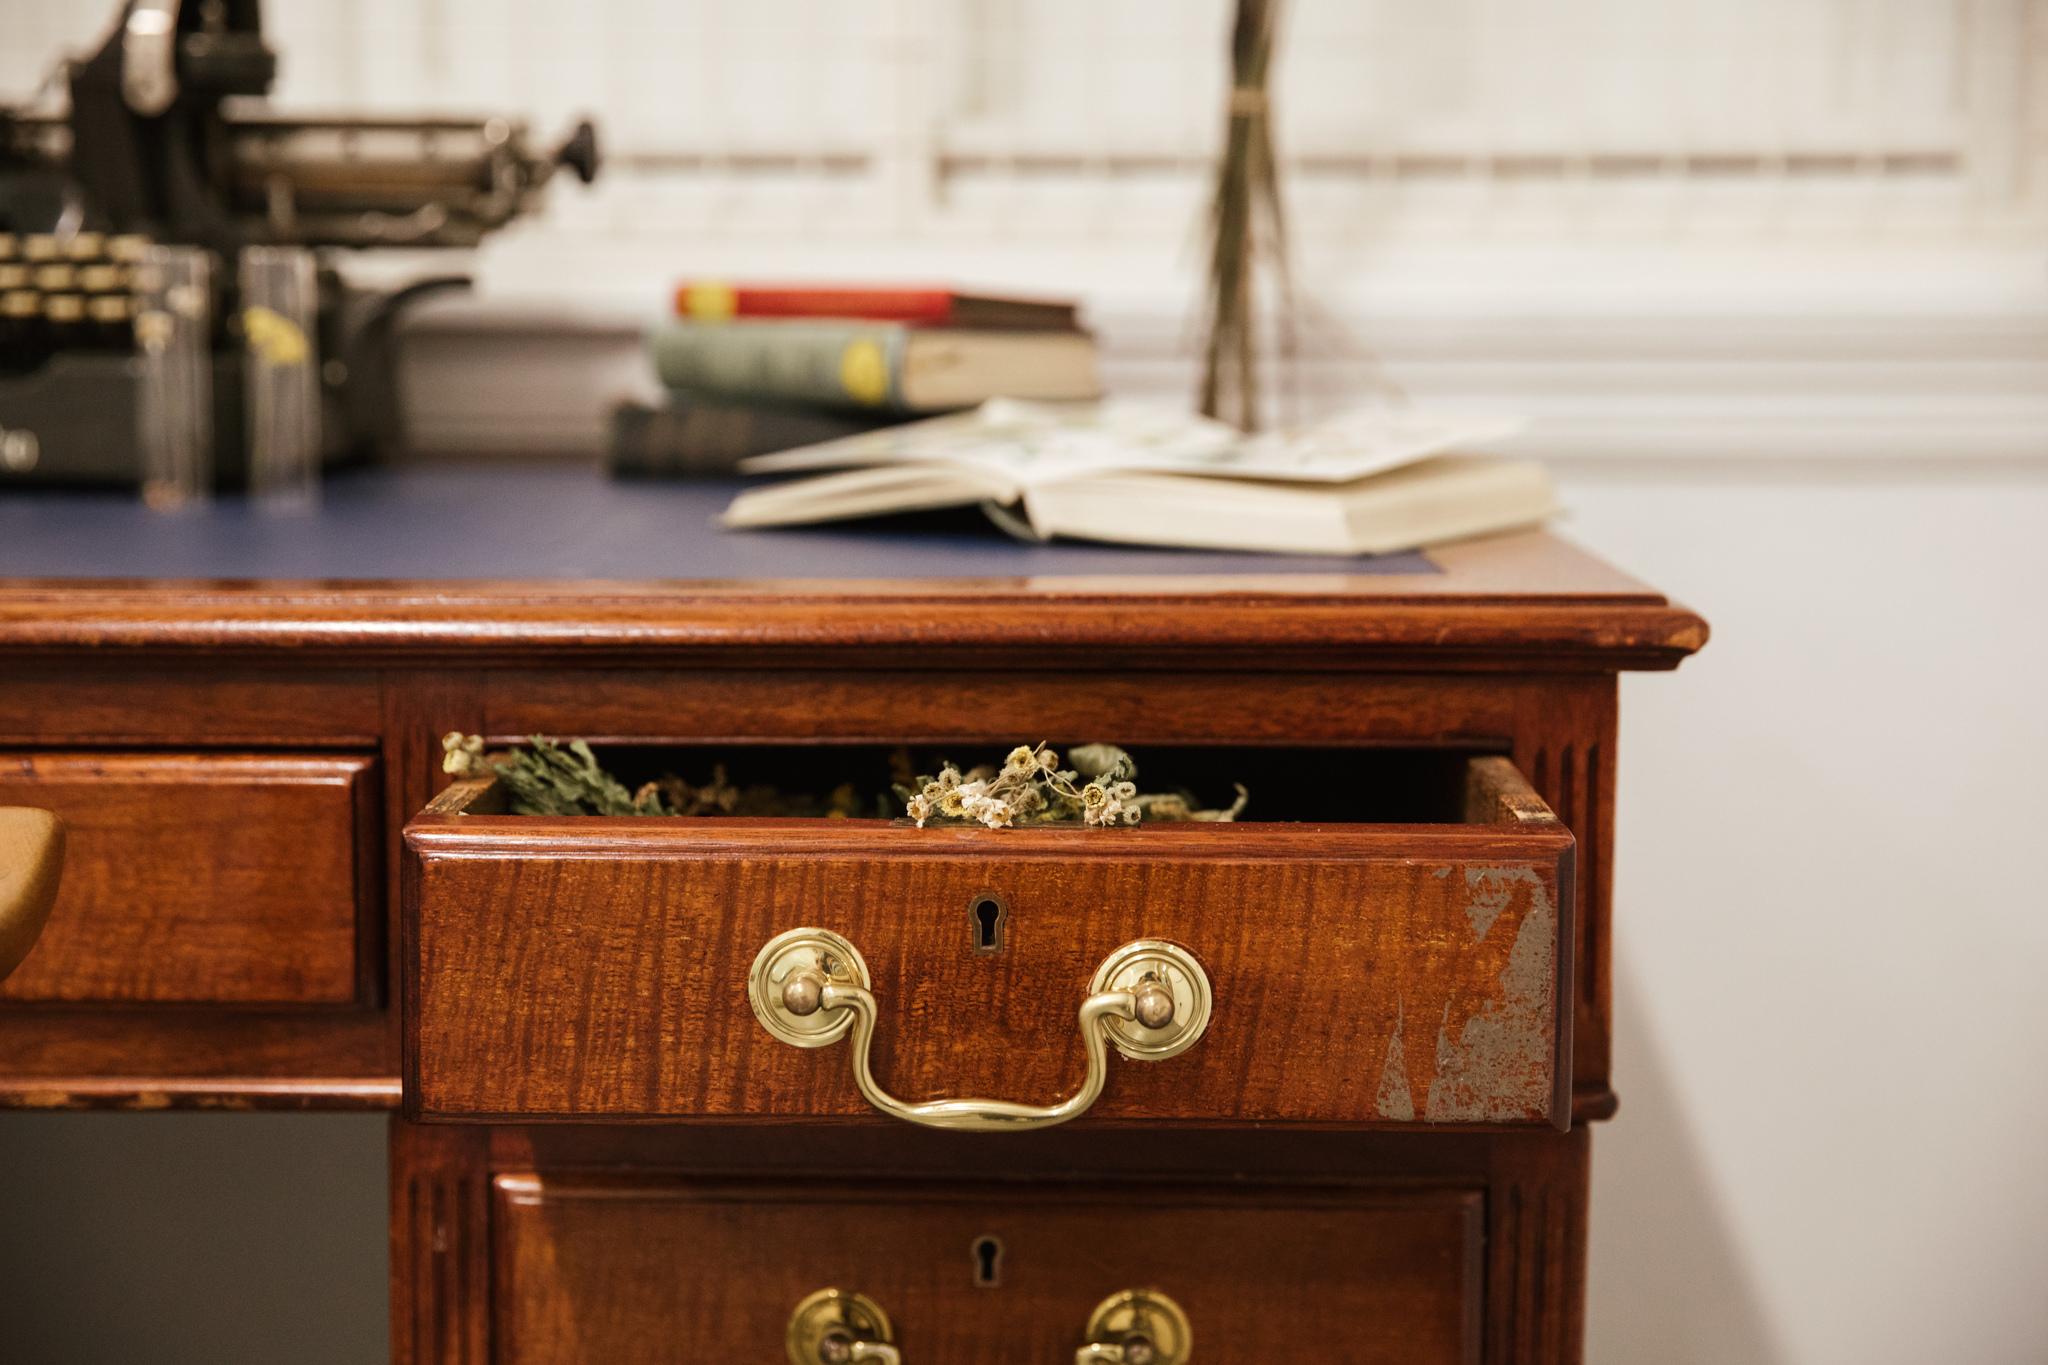 Herbarium_Joanne-Crawford-6817.JPG